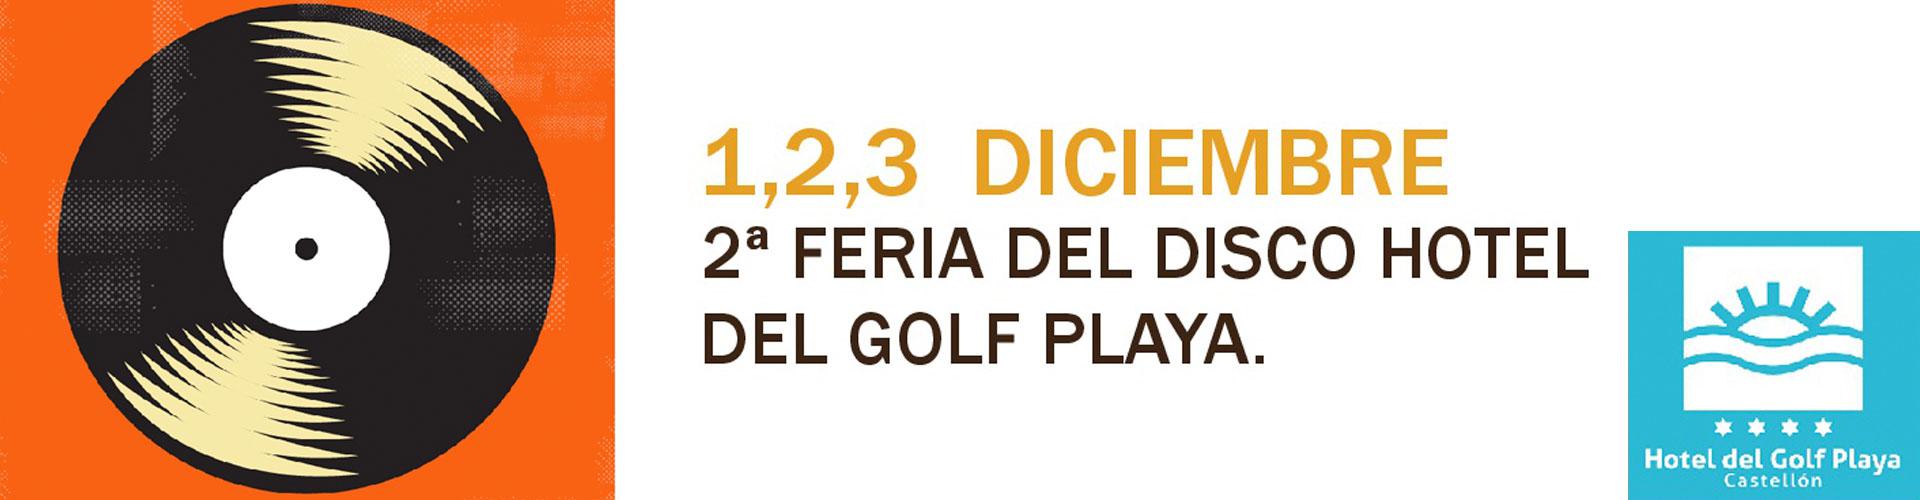 2º Feria del disco Hotel del Golf Playa